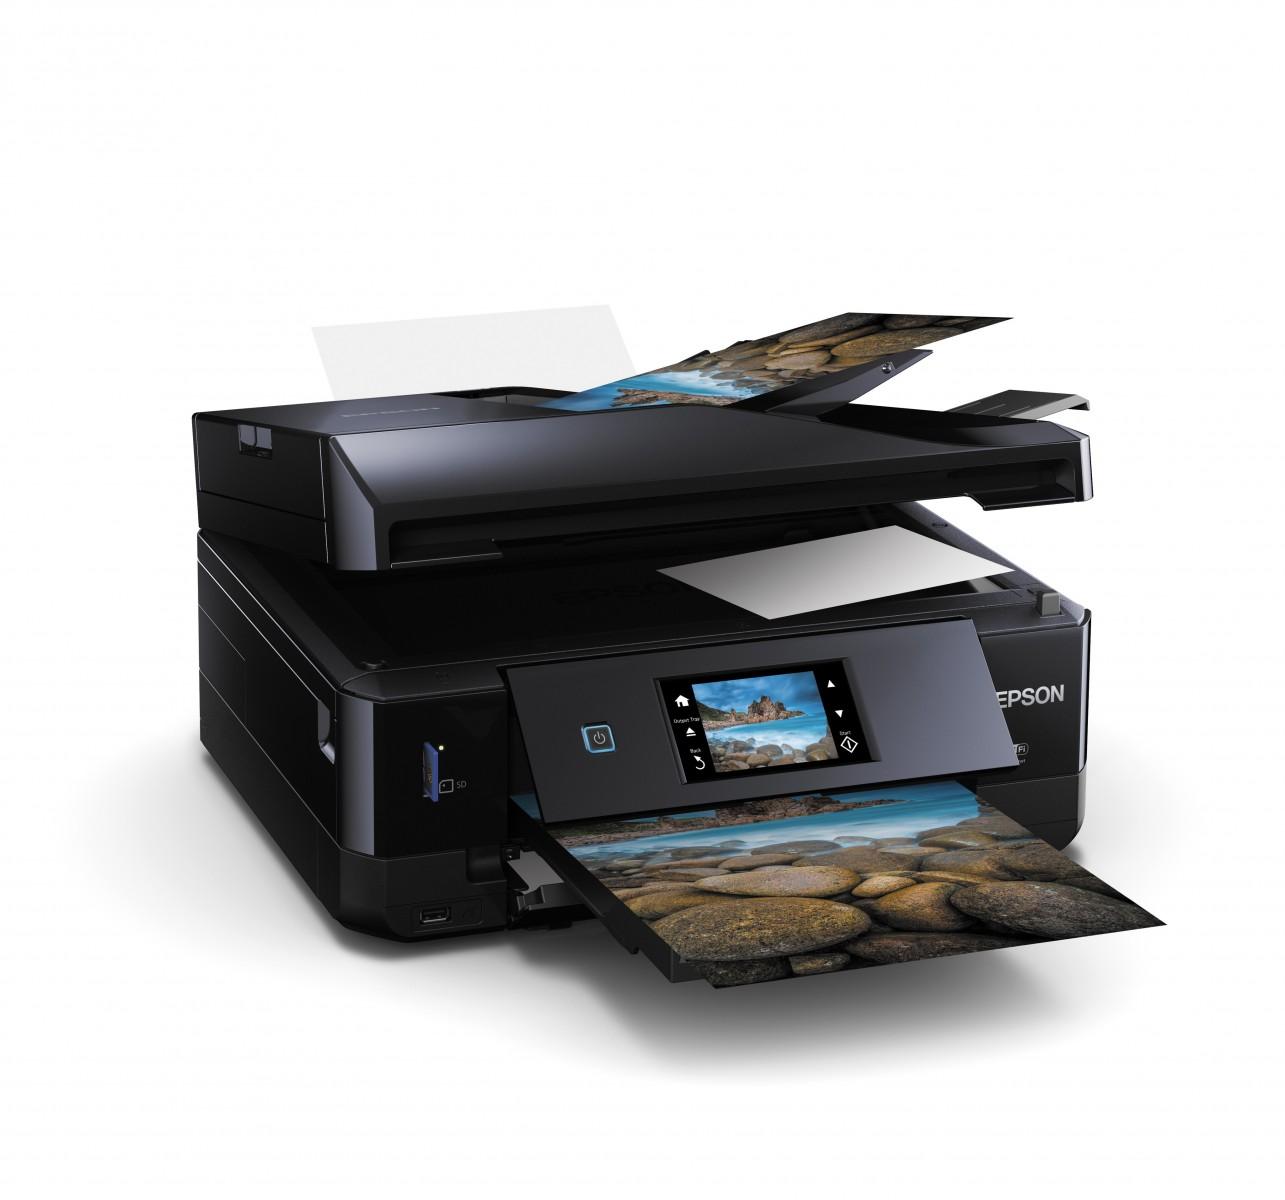 Epson Introduceert 7 Nieuwe Alles In één Printers Voor